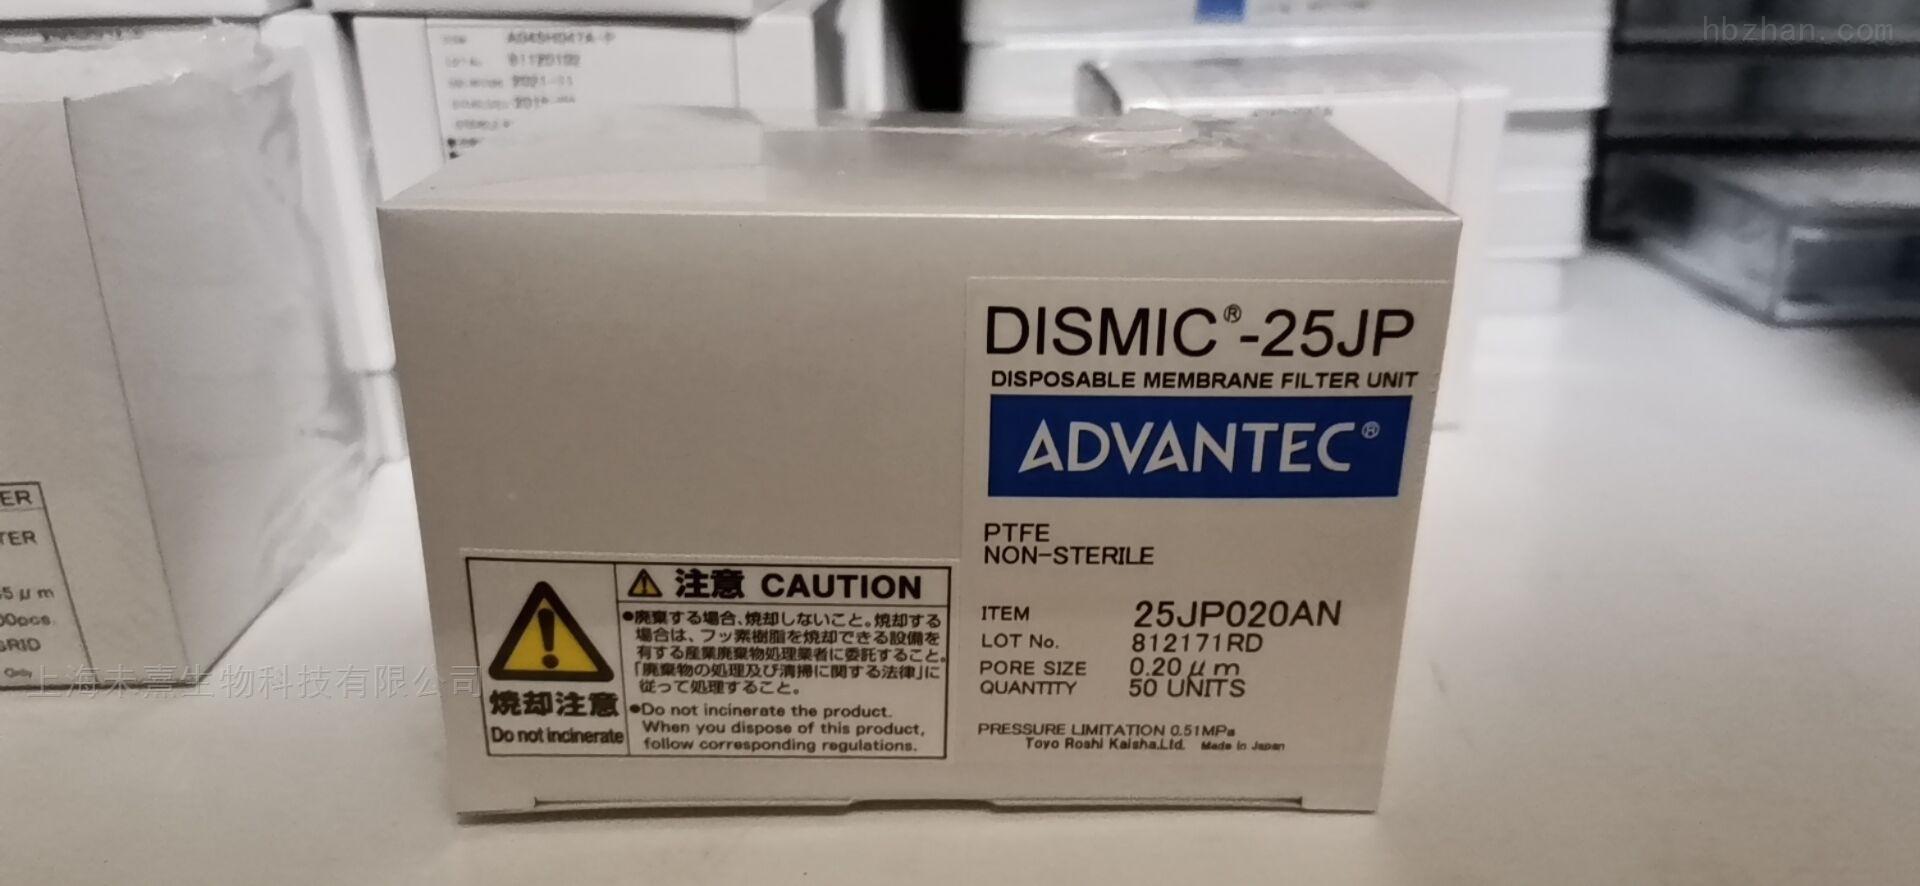 日本东洋聚四氟乙烯过滤器0.2um针头滤器